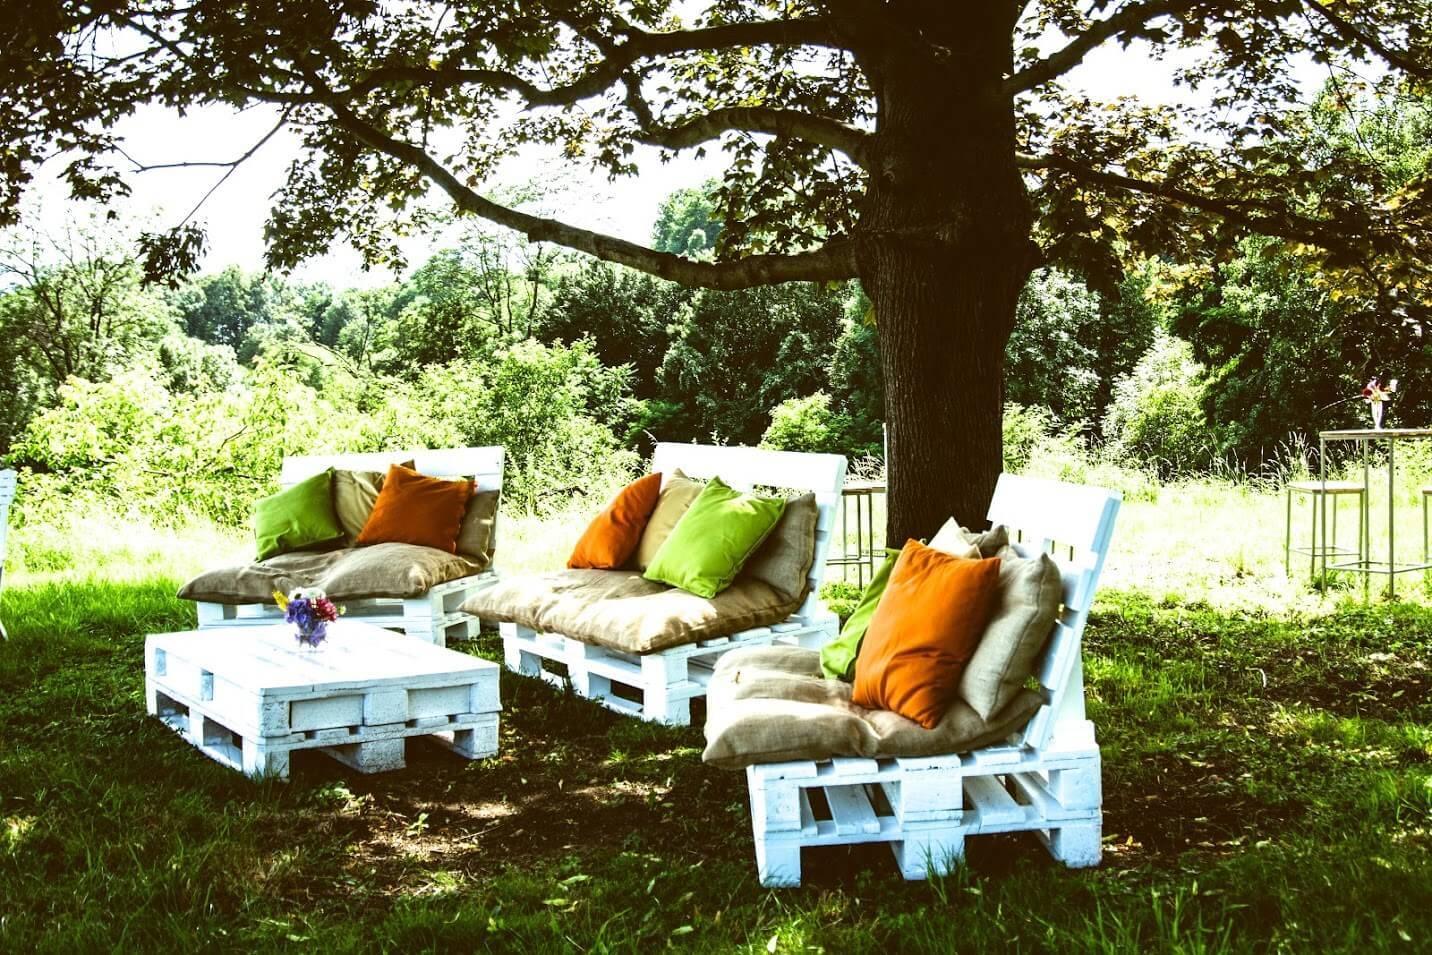 Möbel Gartenfest Gartenparty Outdoor mieten